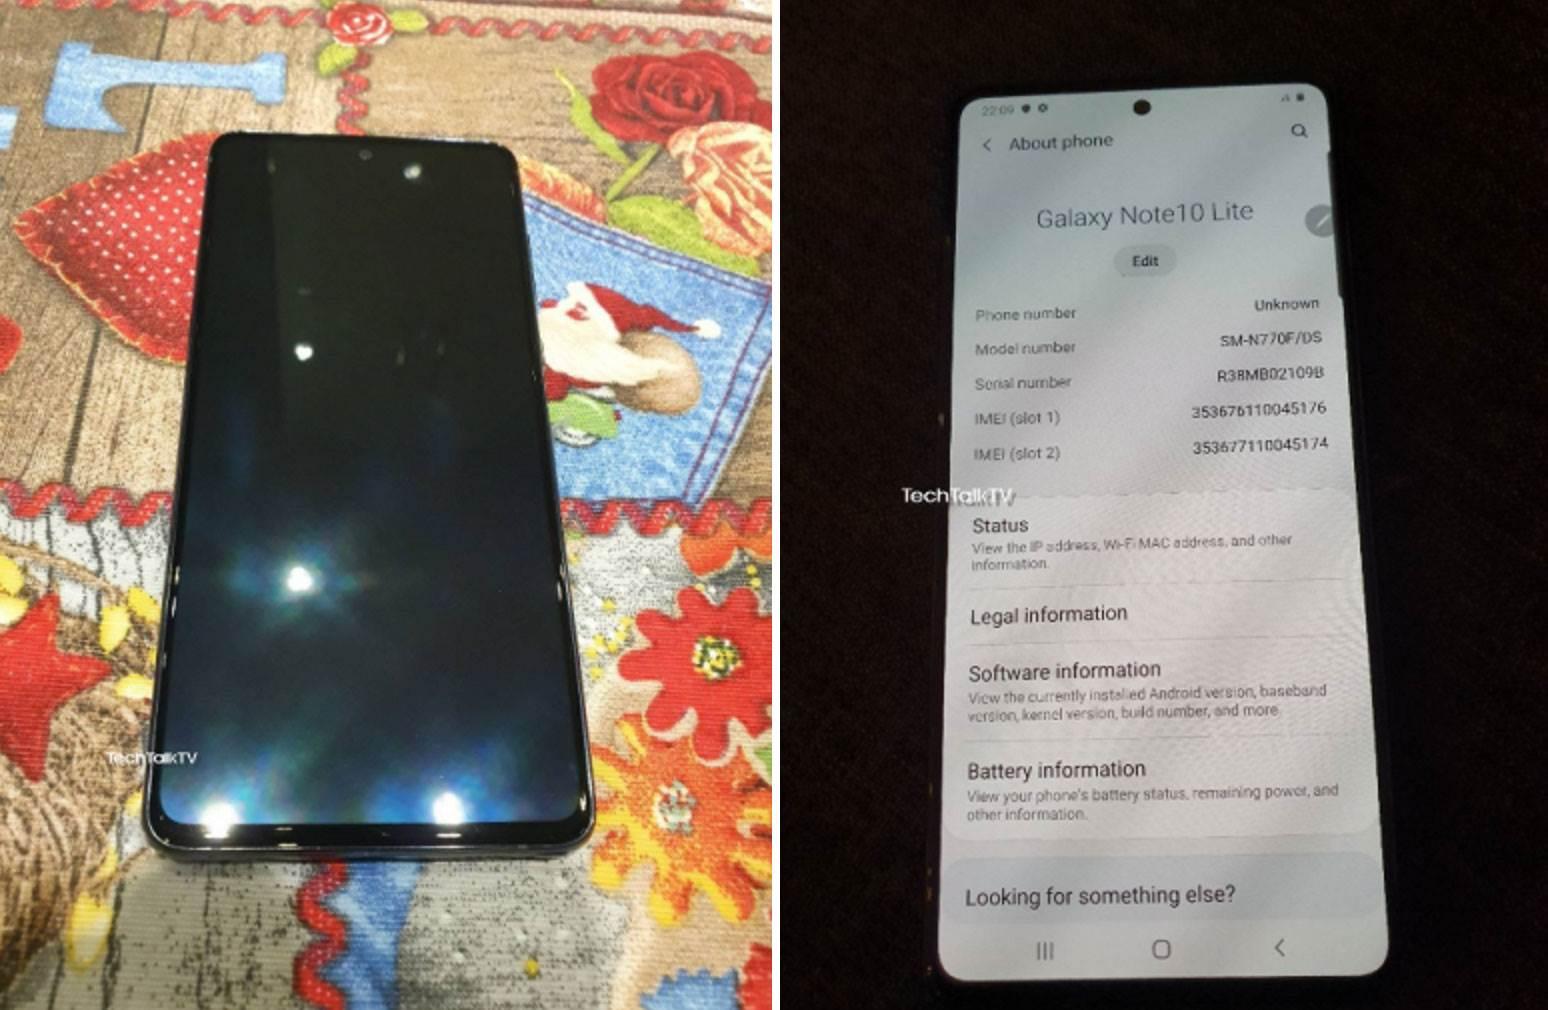 Samsung Galaxy Note10 Lite na pierwszych zdjęciach. Tylny aparat urządzenia jest bardzo podobny do... polecane, ciekawostki Specyfikacja, Samsung Galaxy Note10 Lite, ile kosztuje Galaxy Note 10 Lite, Galaxy Note10 Lite, Galaxy Note 10 Lite, cena  Według plotek, w tym miesiącu Samsung powinien wprowadzić do swojej oferty Galaxy S10 Lite i Galaxy Note10 Lite. Wciąż nie wiadomo dokładnie, kiedy odbędzie się premiera, ale w sieci pojawiły się już zdjęcia jednego z tych nowych produktów - Note10 Lite. Note10